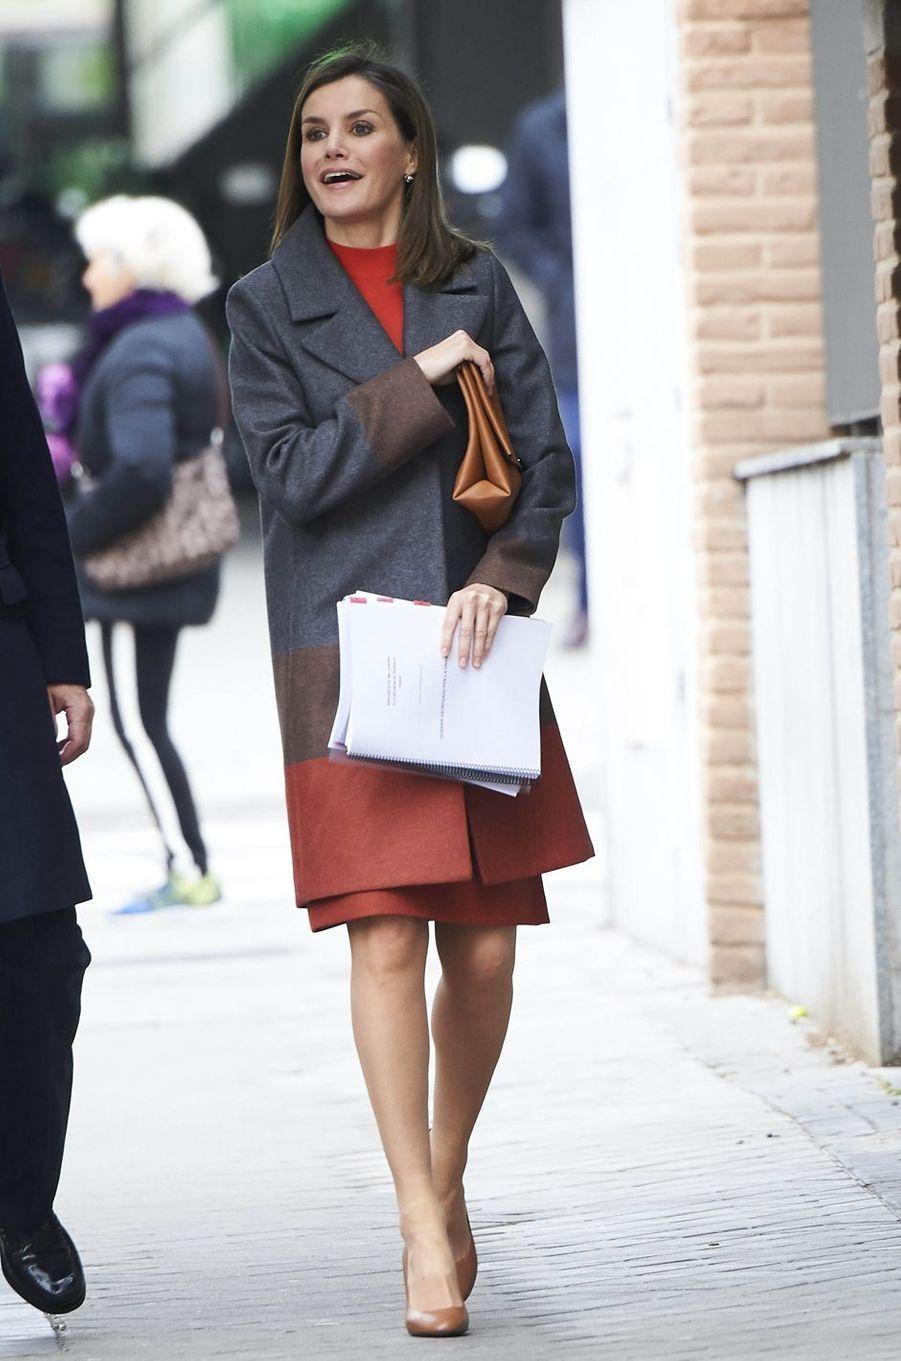 La reine Letizia d'Espagne dans un manteau Hugo Boss à Madrid, le 14 février 2018